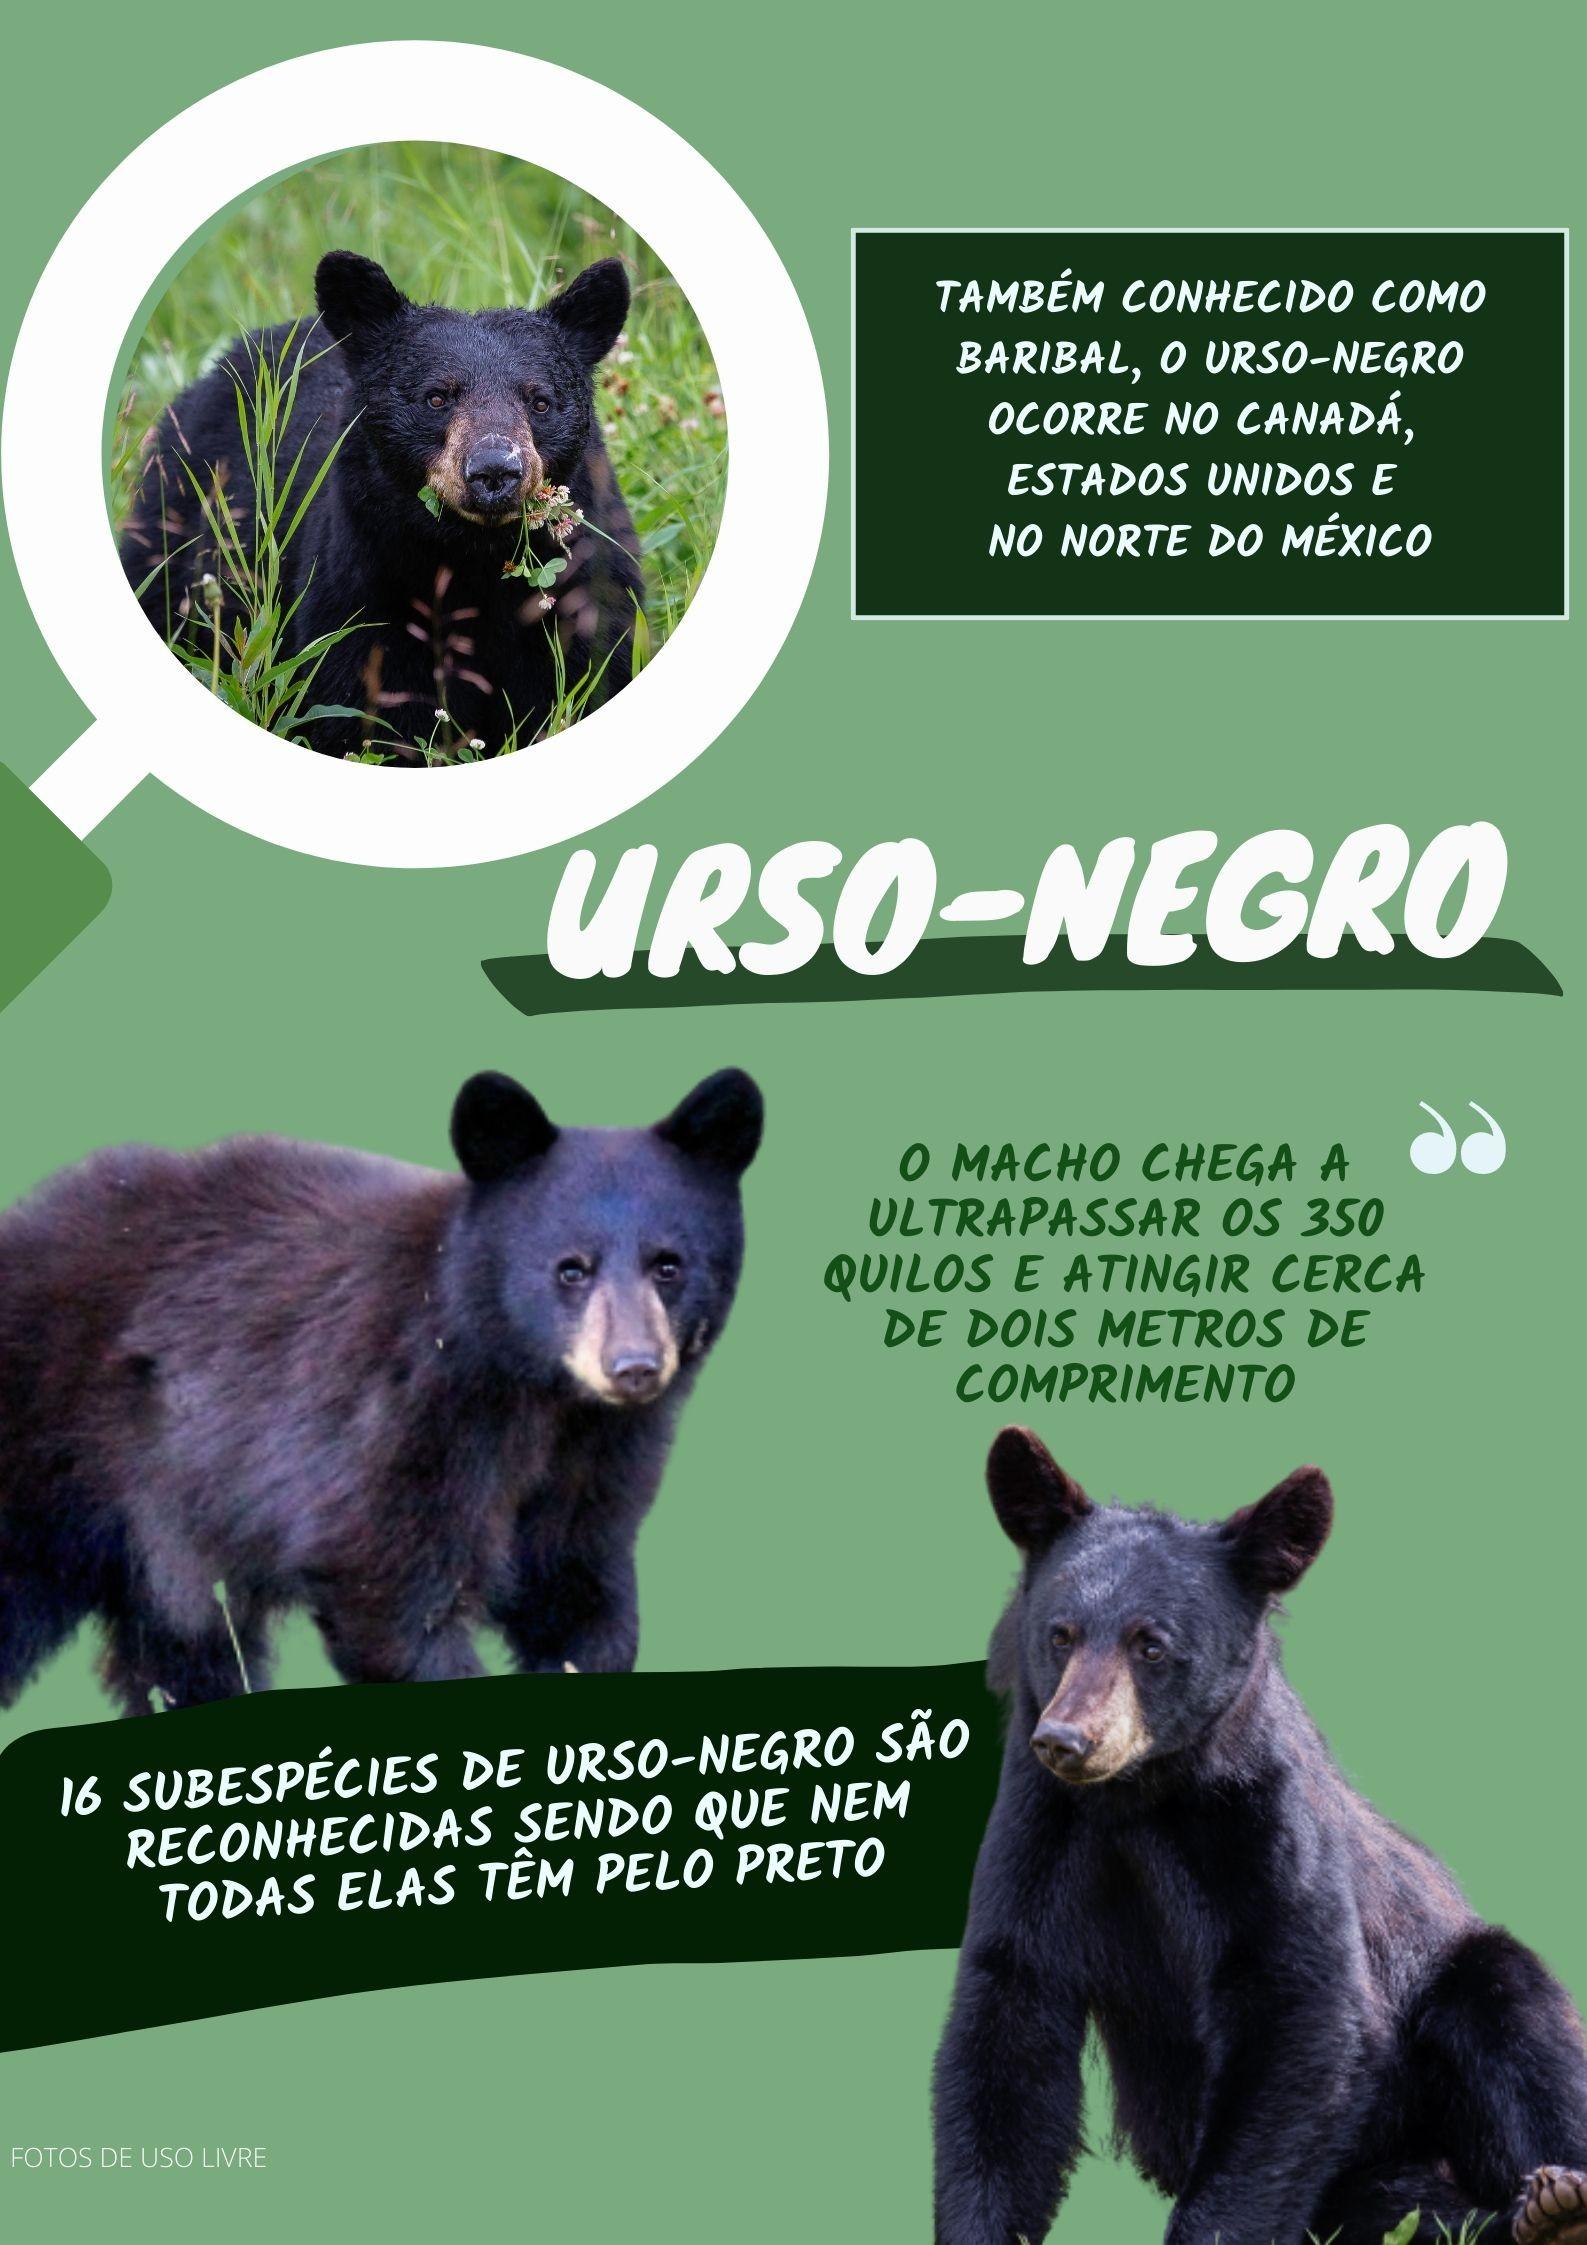 Inquilino selvagem: ursos-negros são flagrados no quintal de brasileiro que vive nos EUA